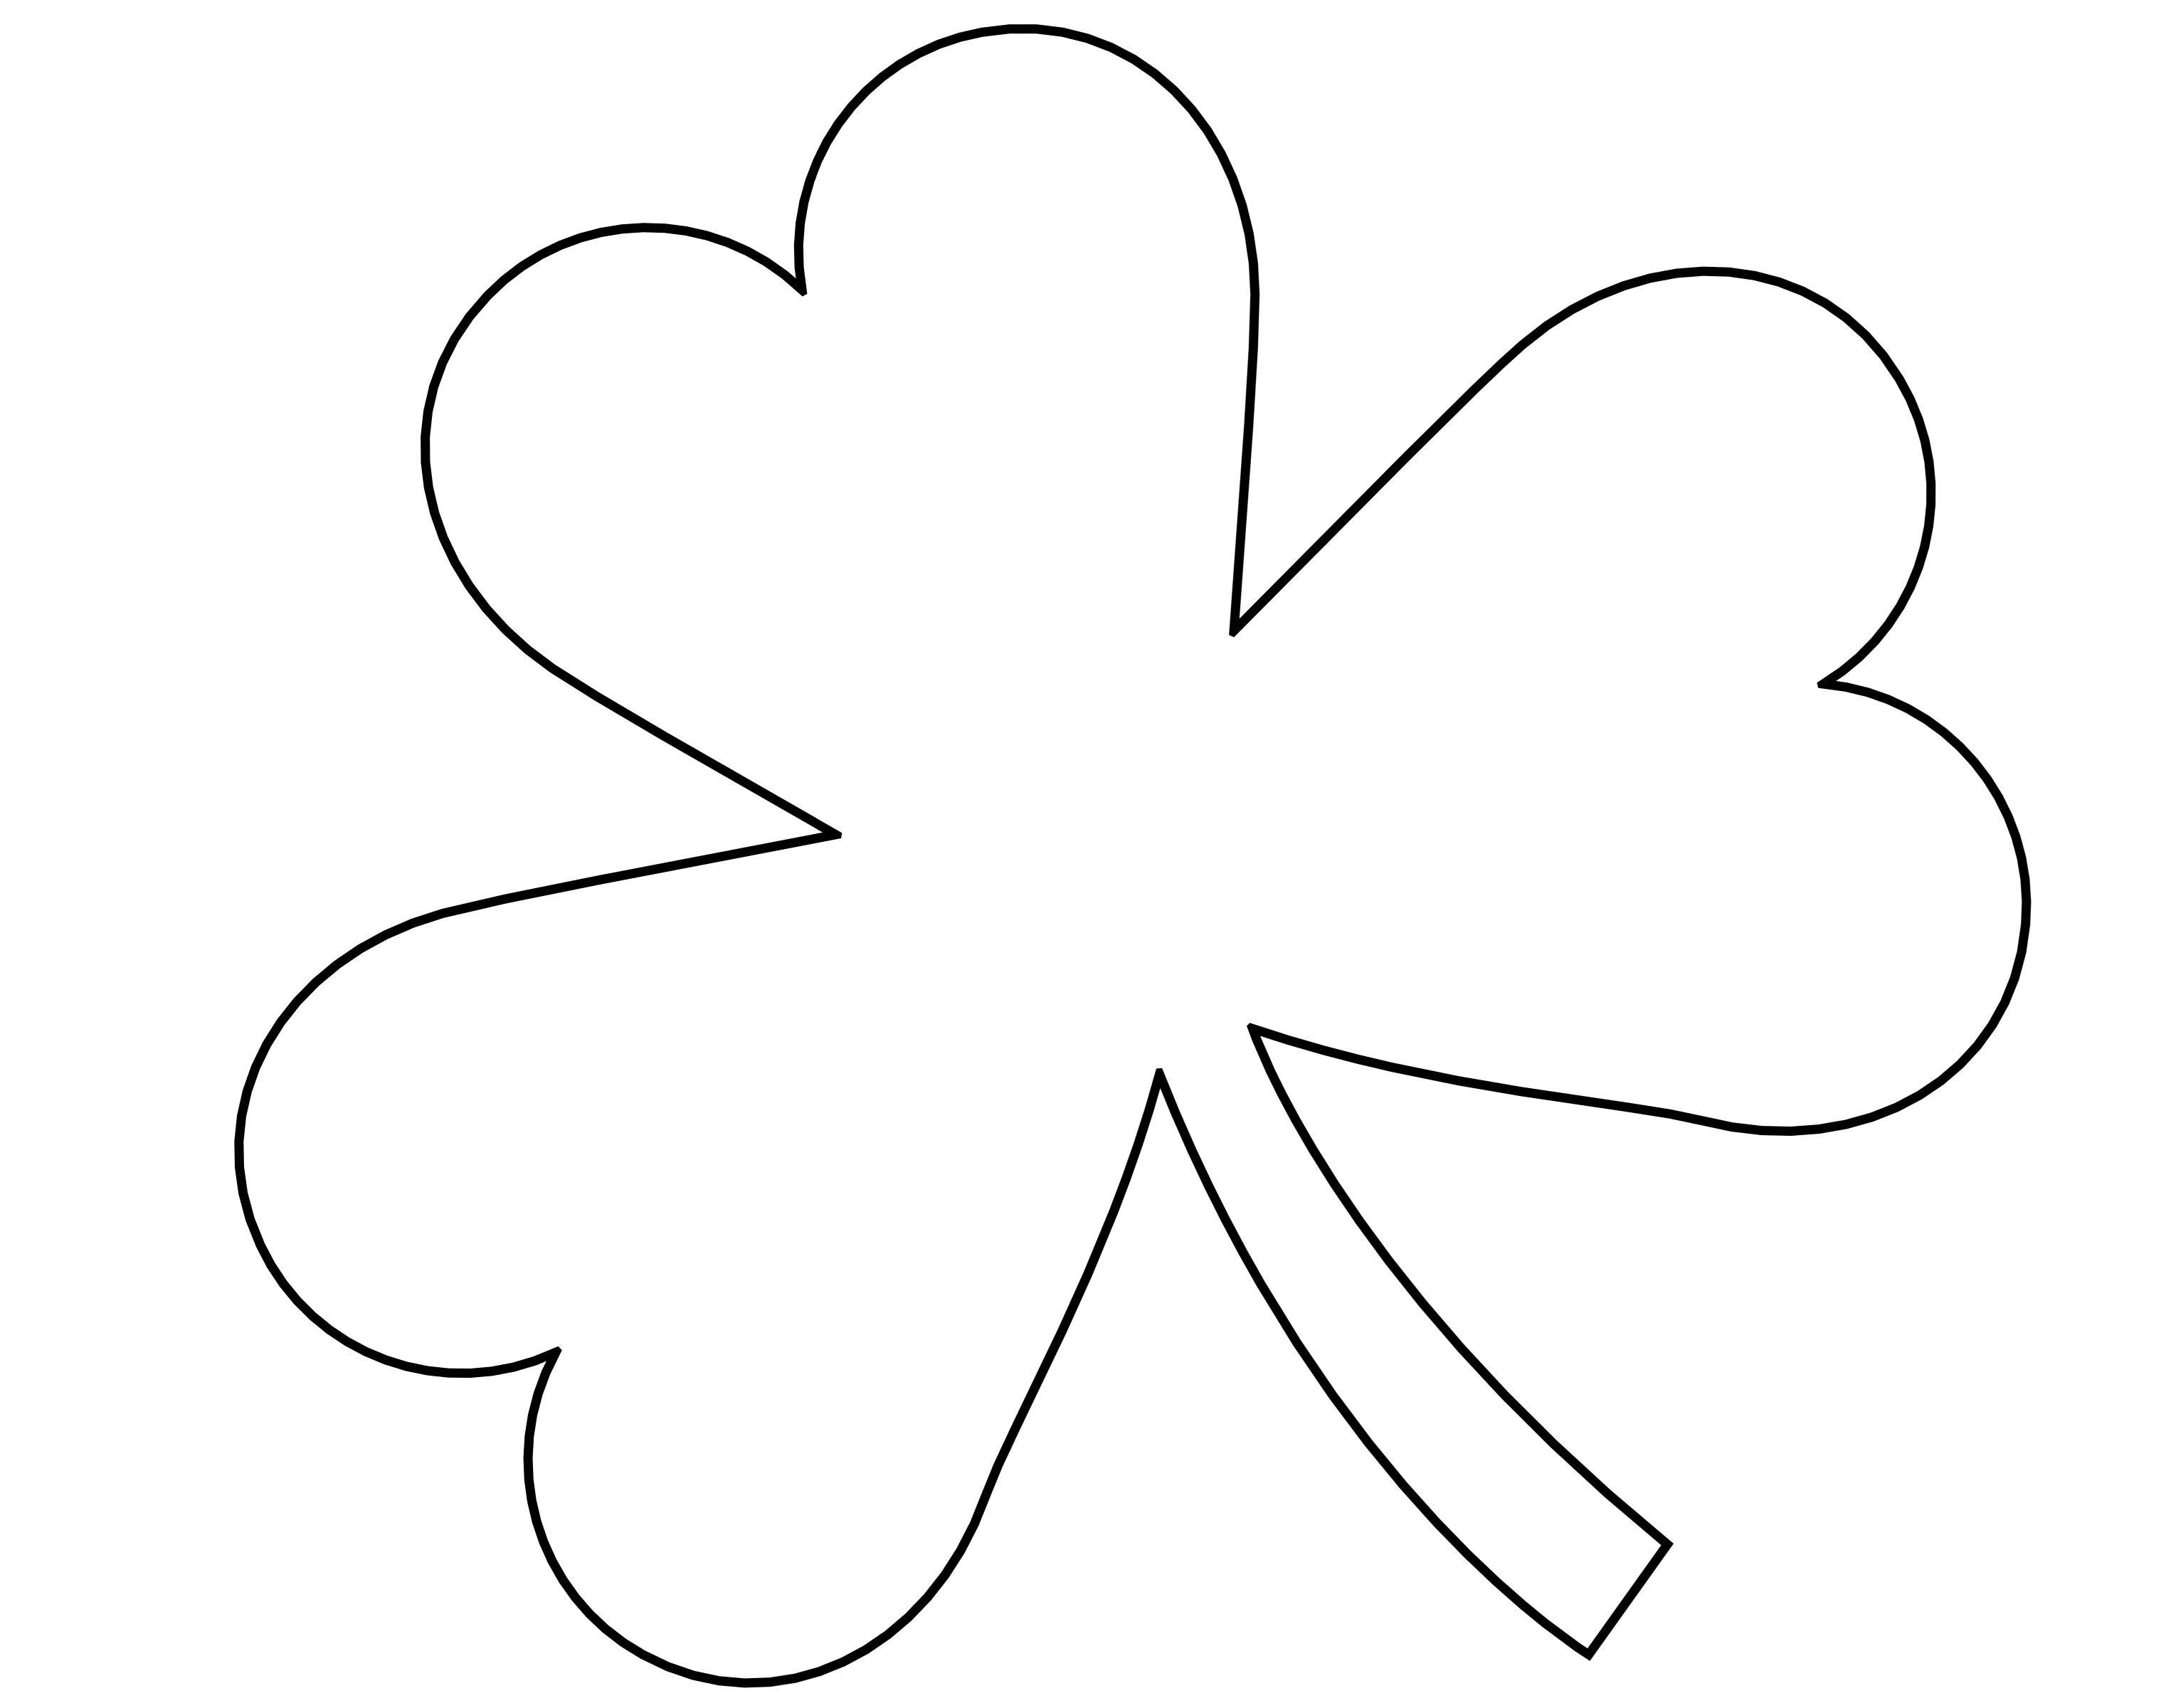 5 Best Images Of Four Leaf Shamrock Template Printable - St - Shamrock Template Free Printable